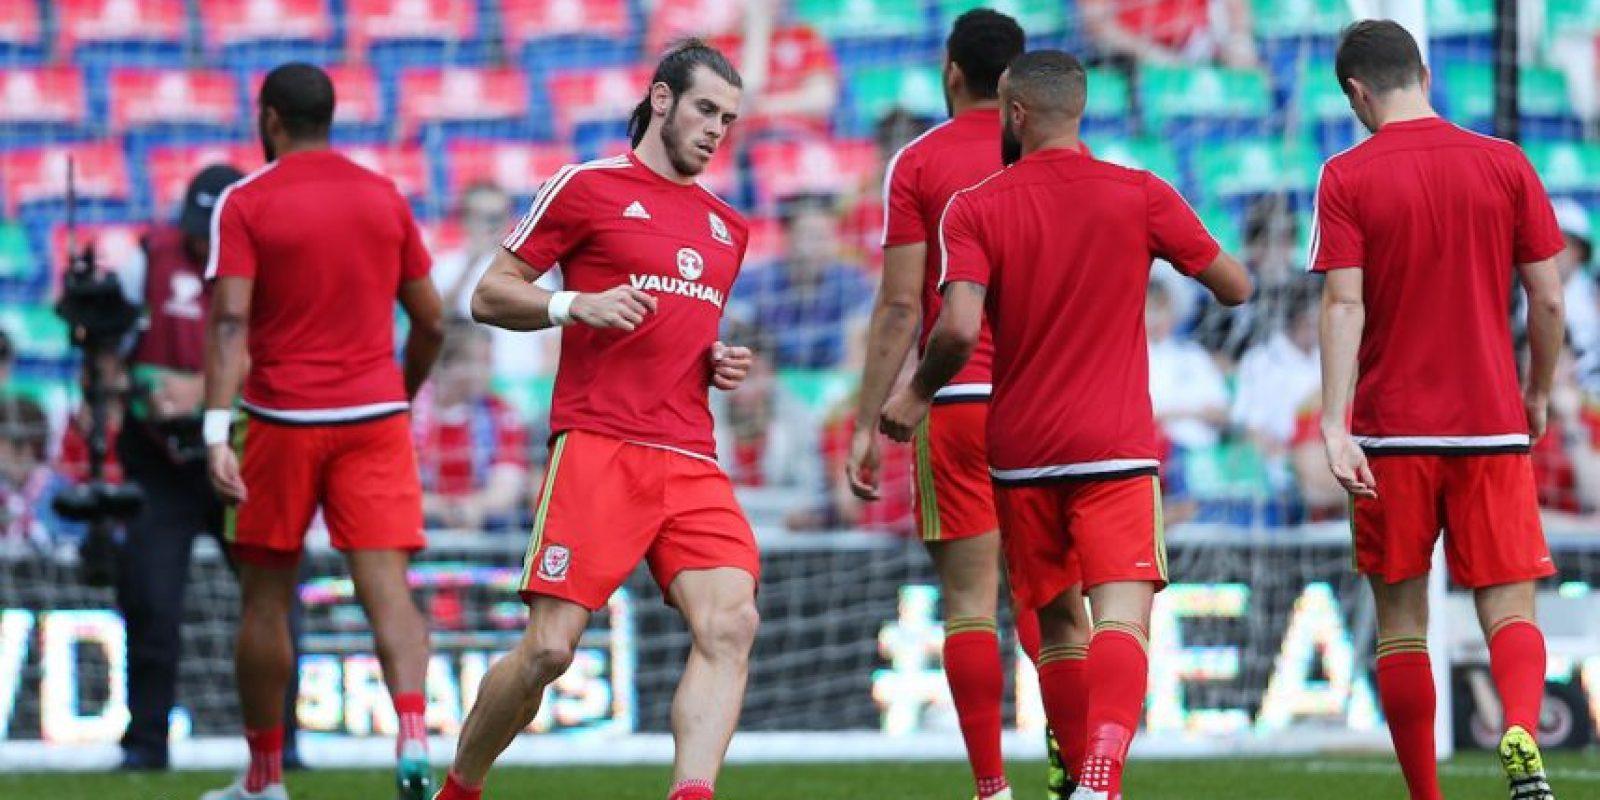 Los galeses son el primer lugar del grupo B de los clasificatorios europeos con 18 puntos en 8 partidos. Foto:Getty Images